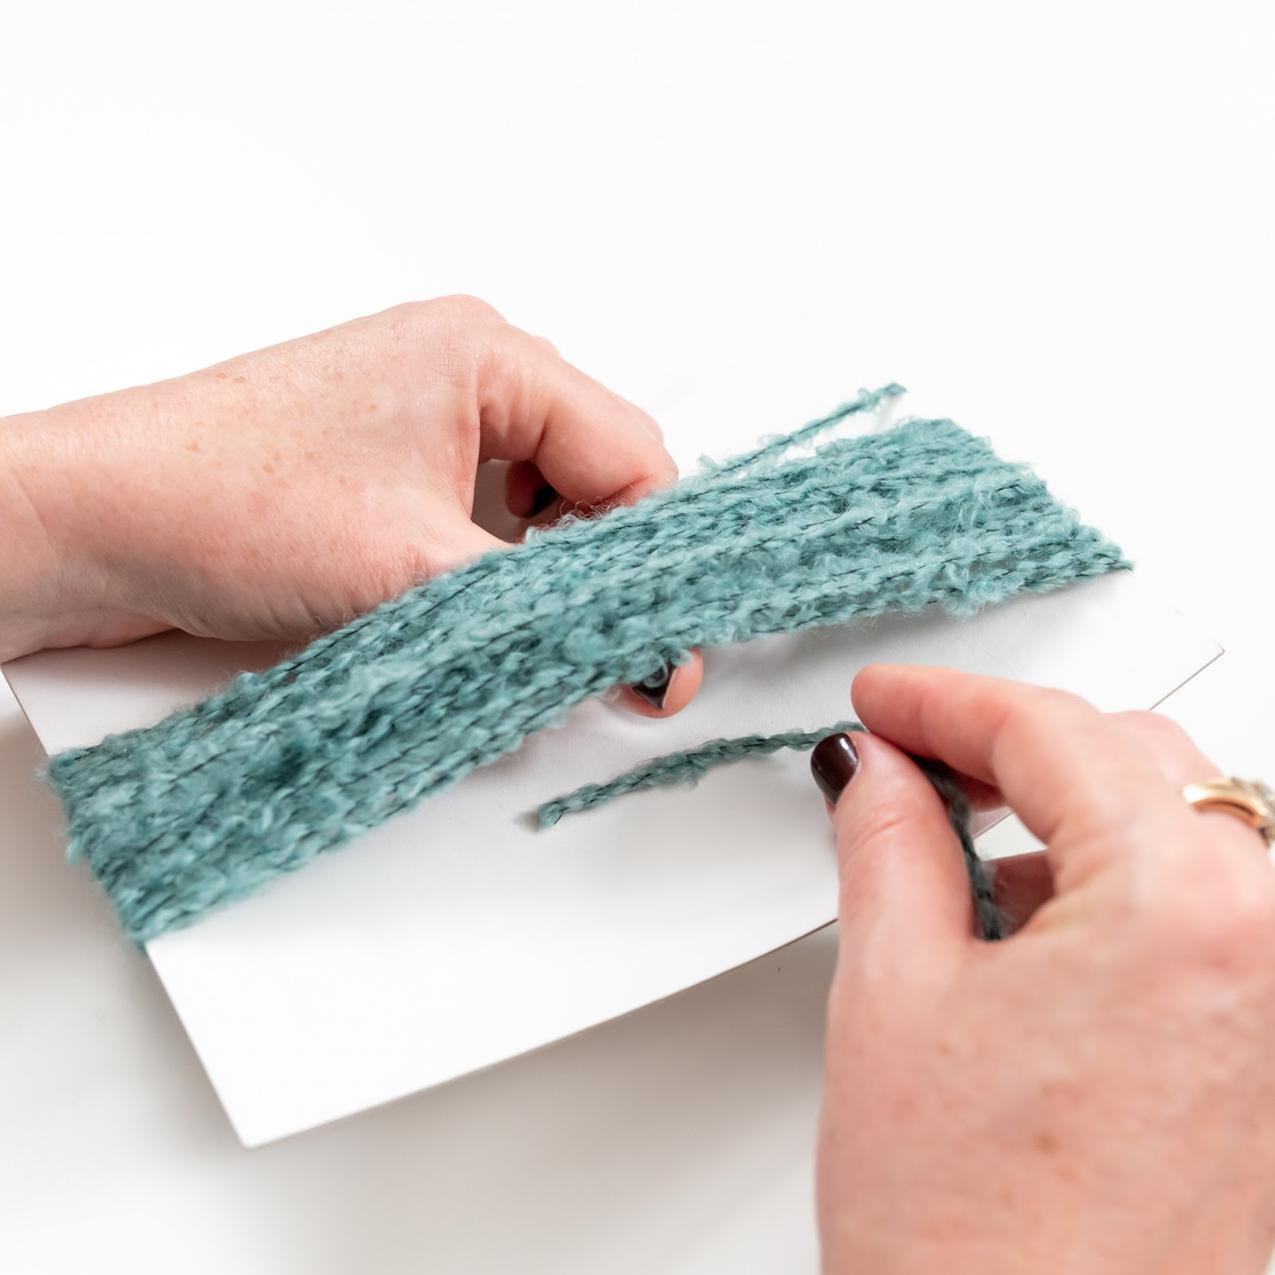 thread piece of yarn underneath the wrapped yarn